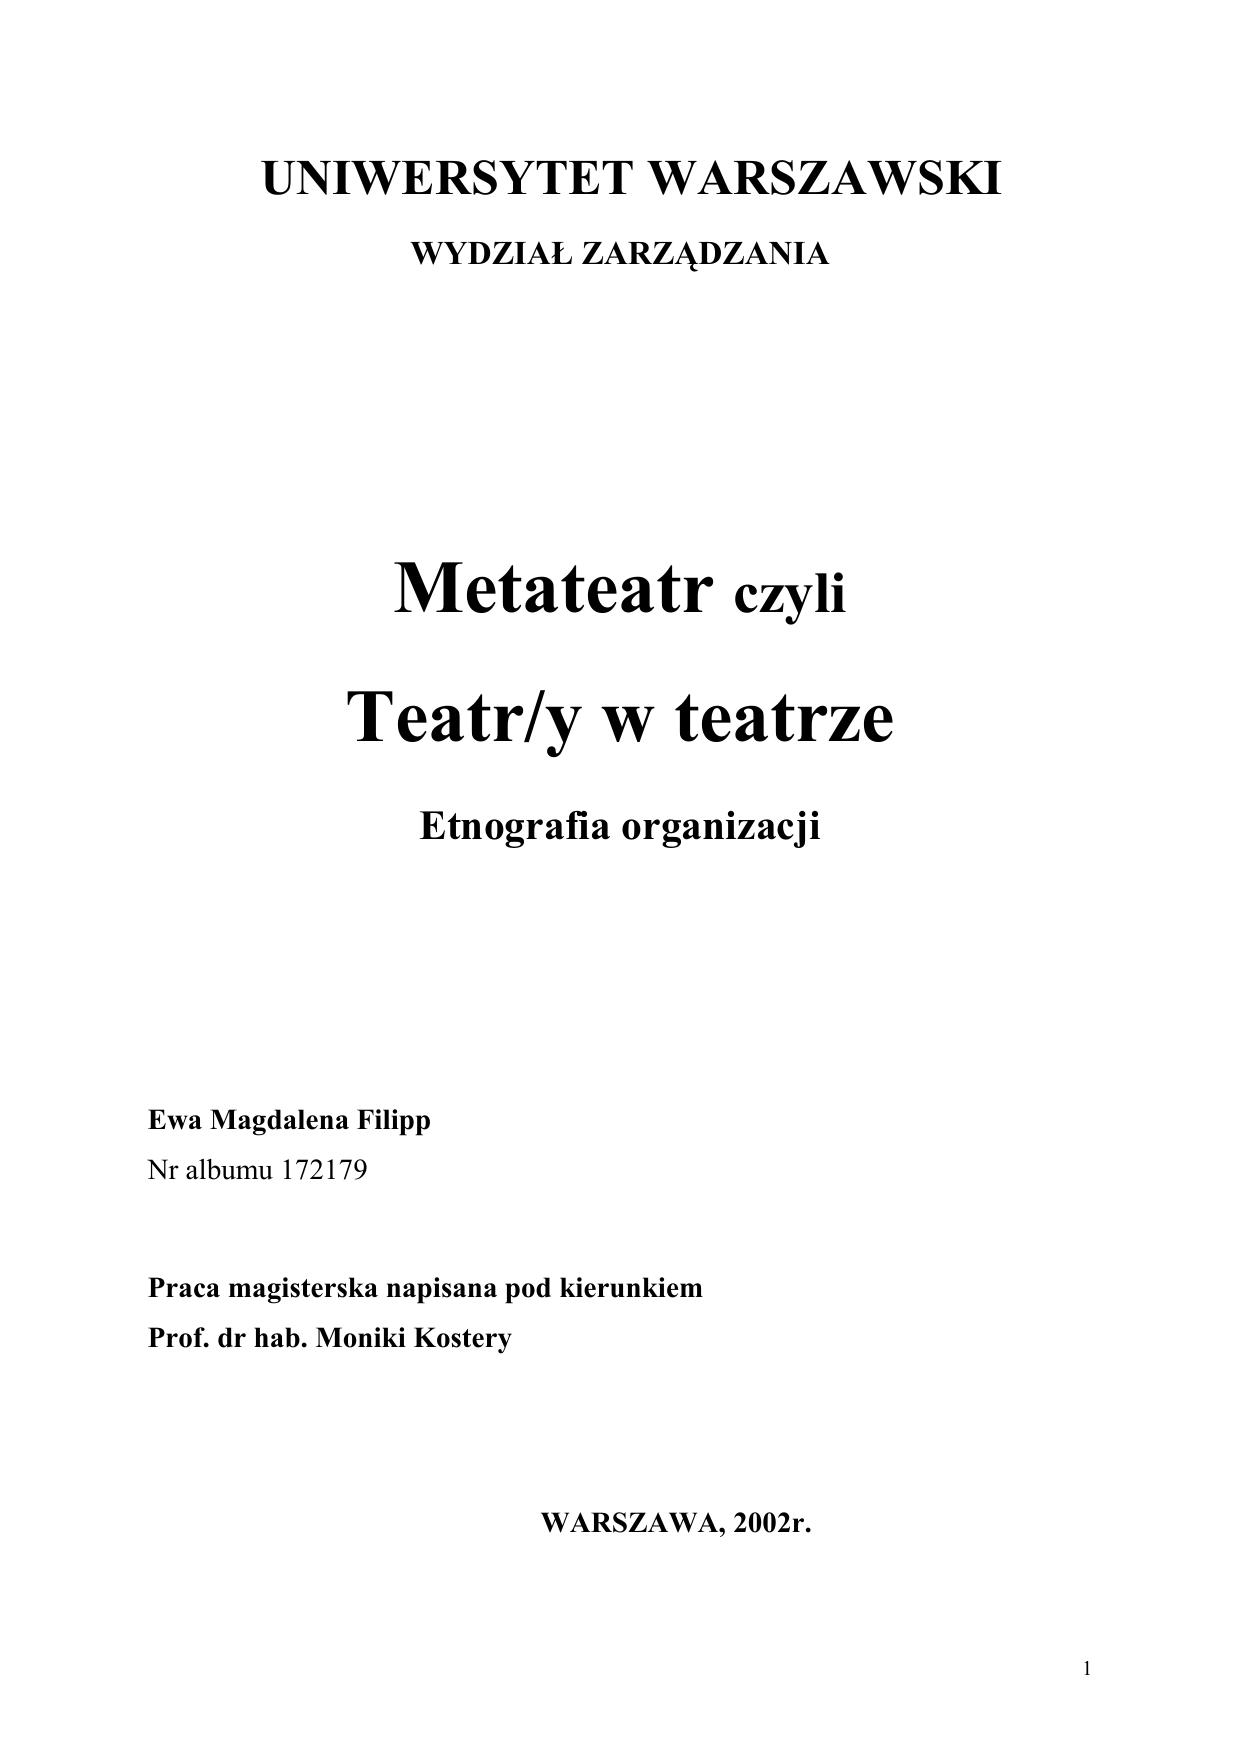 Metateatr Czyli Teatryw Teatrze